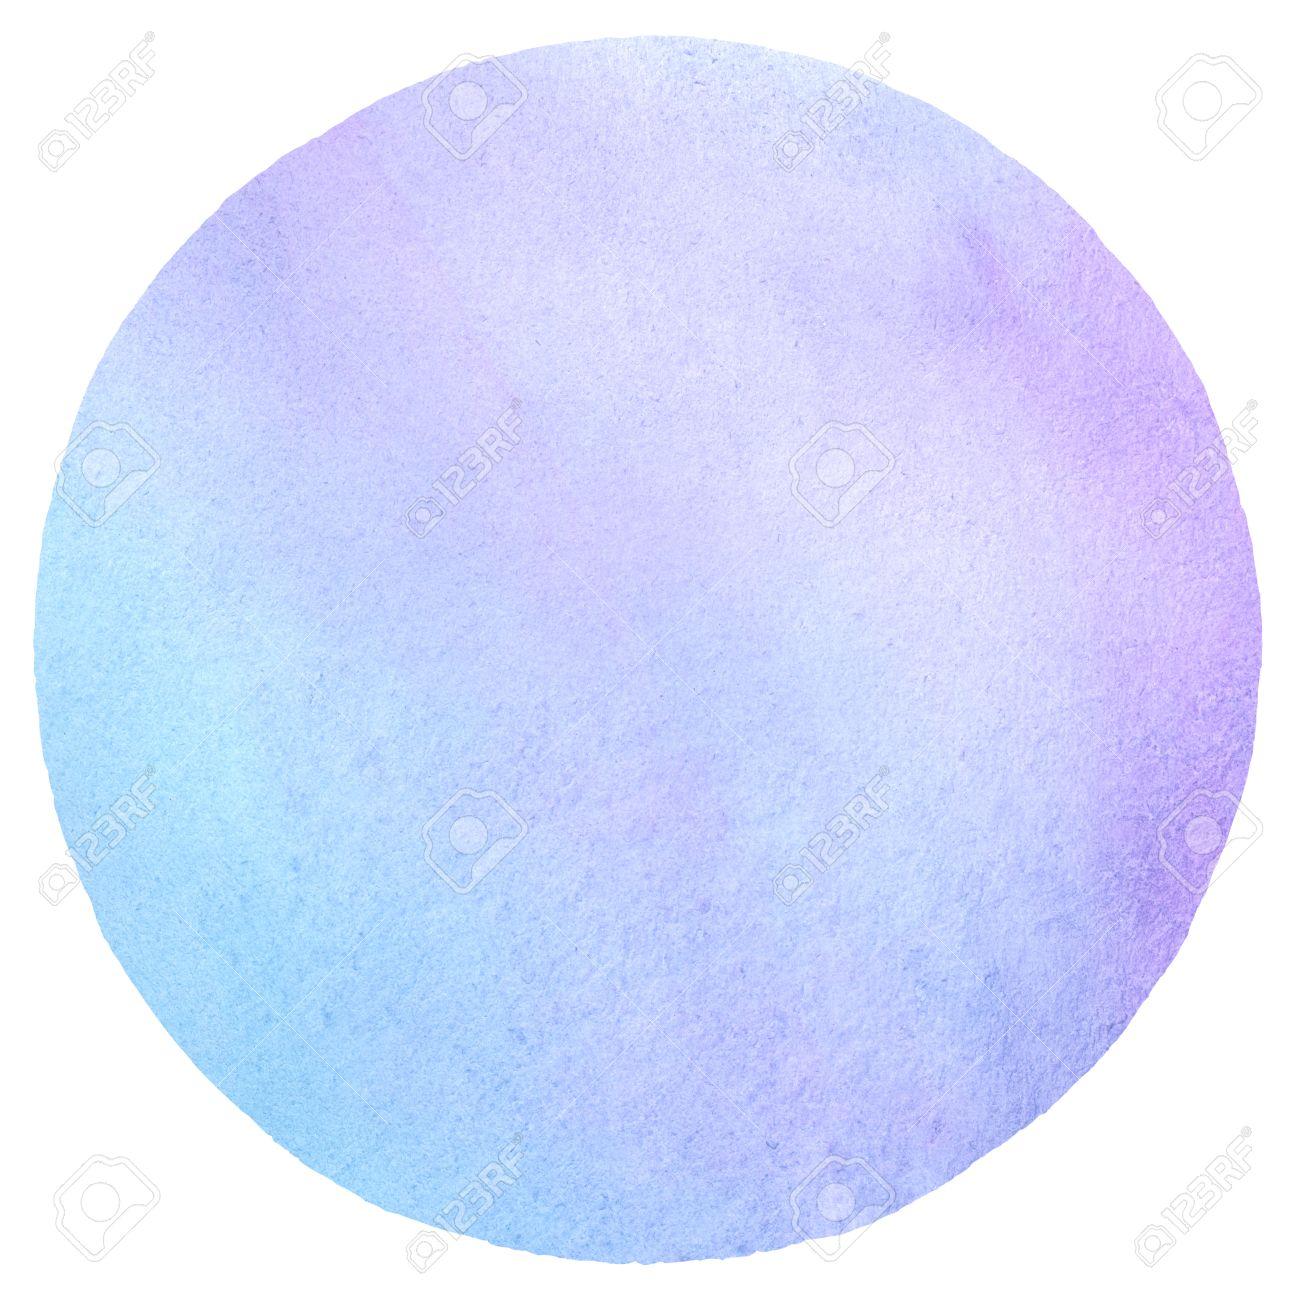 Couleur Avec Bleu Ciel cercle coloré avec des taches de fond d'aquarelle. couleurs pastel légères.  violet, bleu ciel, lilas. aquarelle modèle rond pour votre conception. la